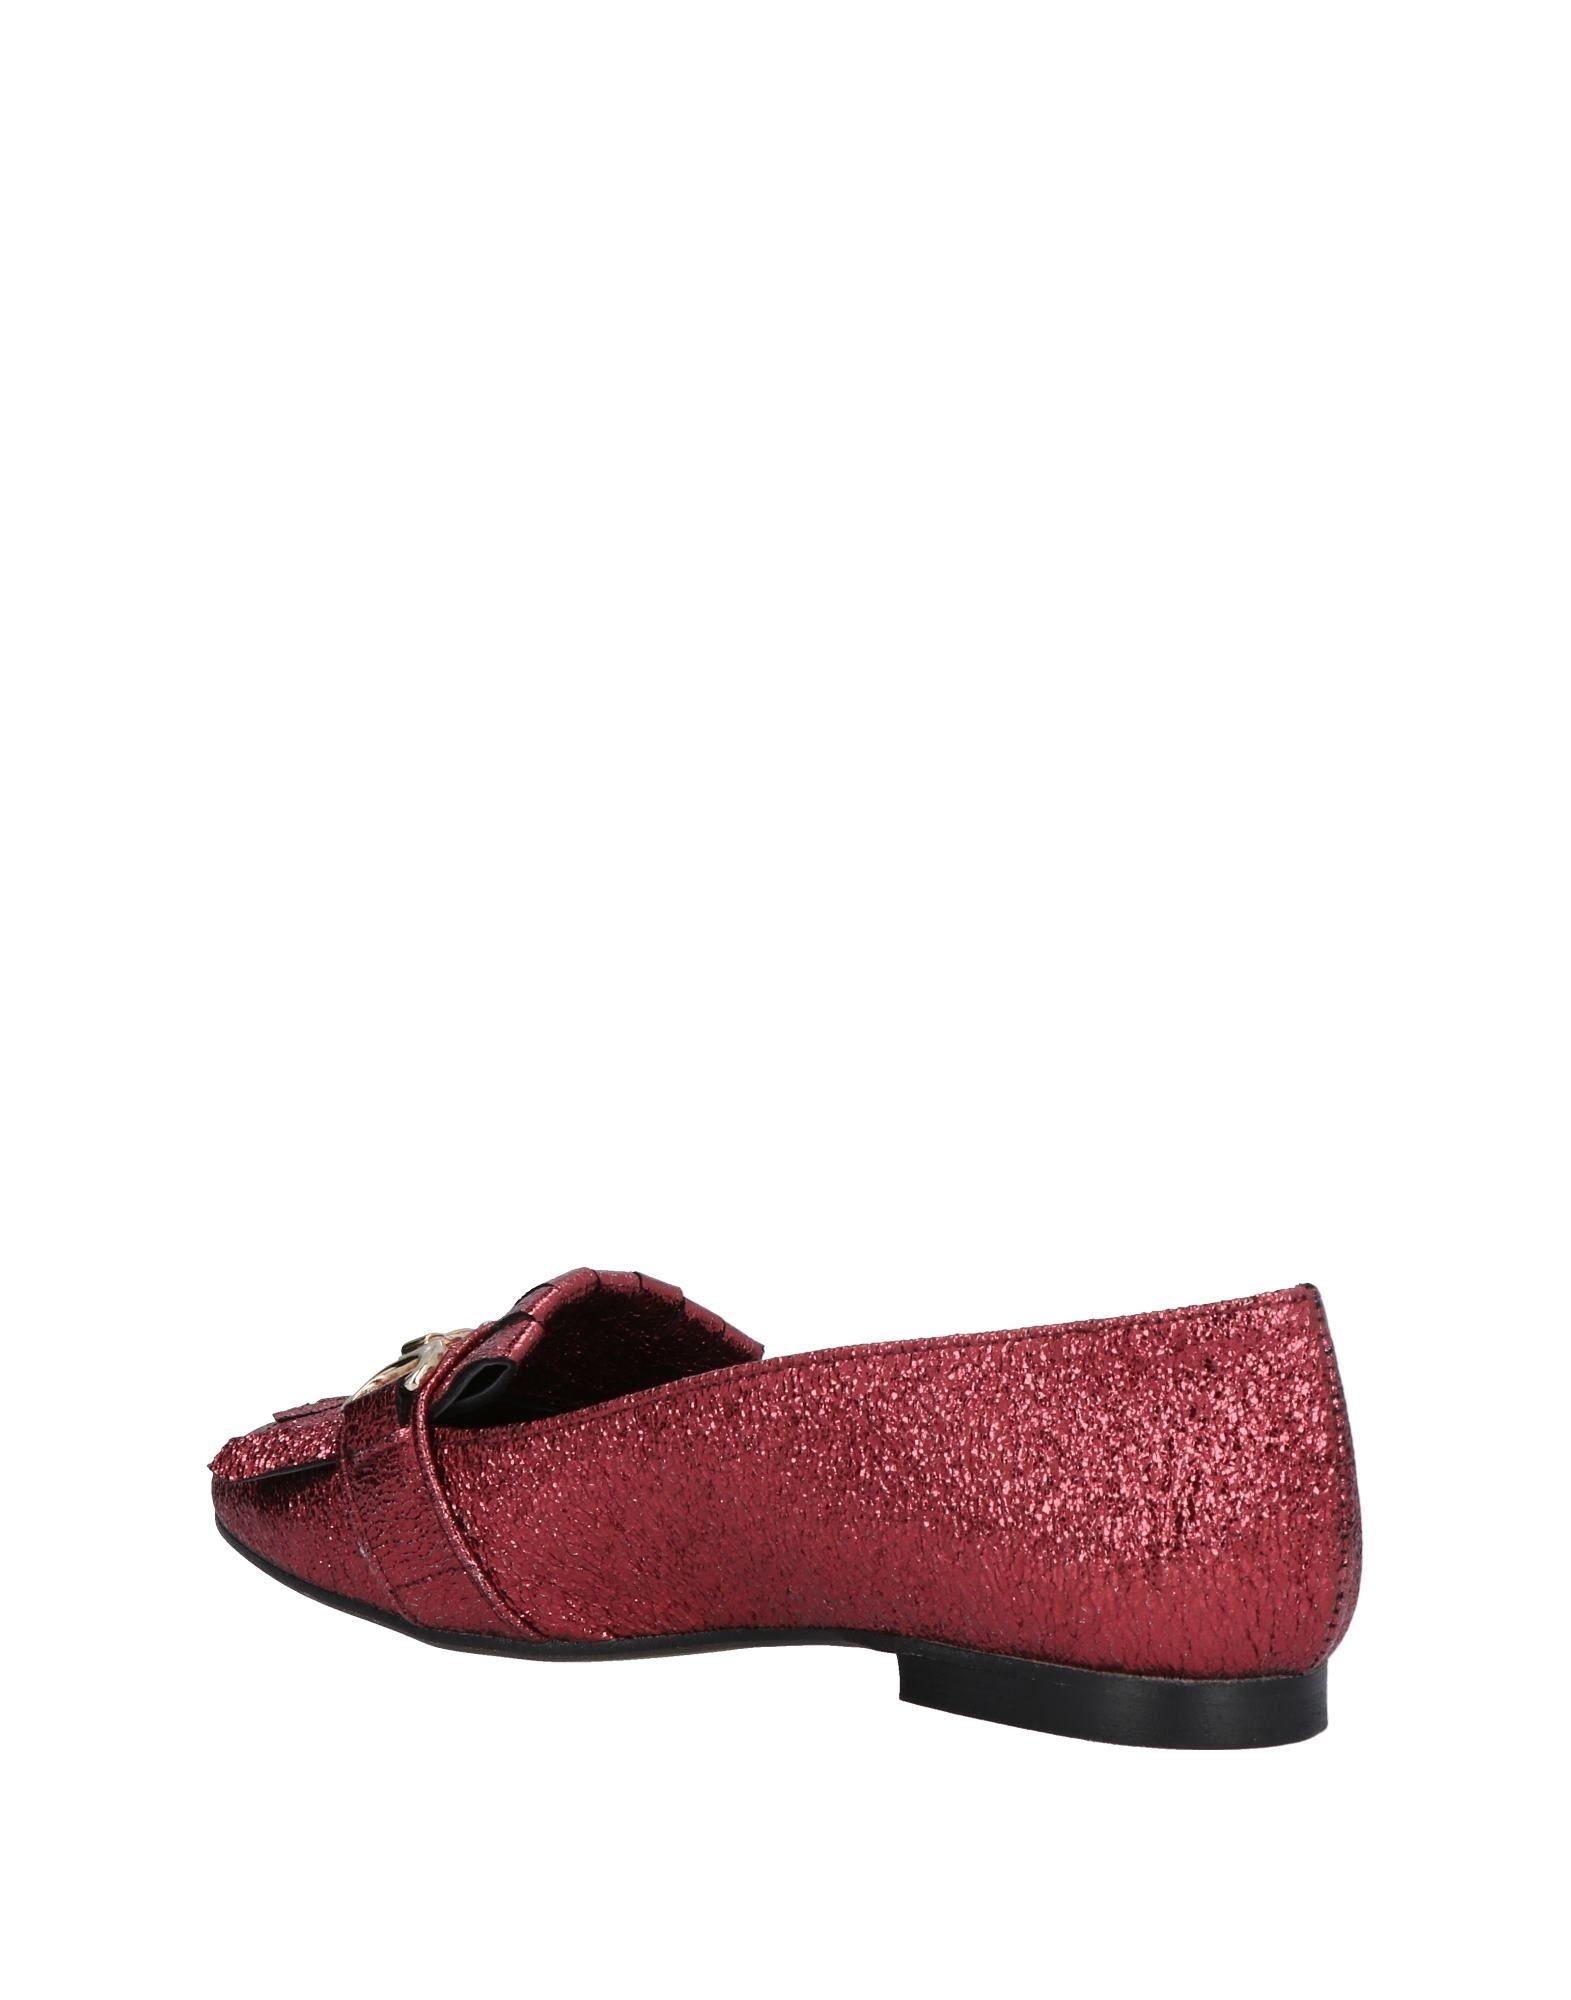 Islo Isabella Lorusso Mokassins beliebte Damen  11471227MN Gute Qualität beliebte Mokassins Schuhe 11486f